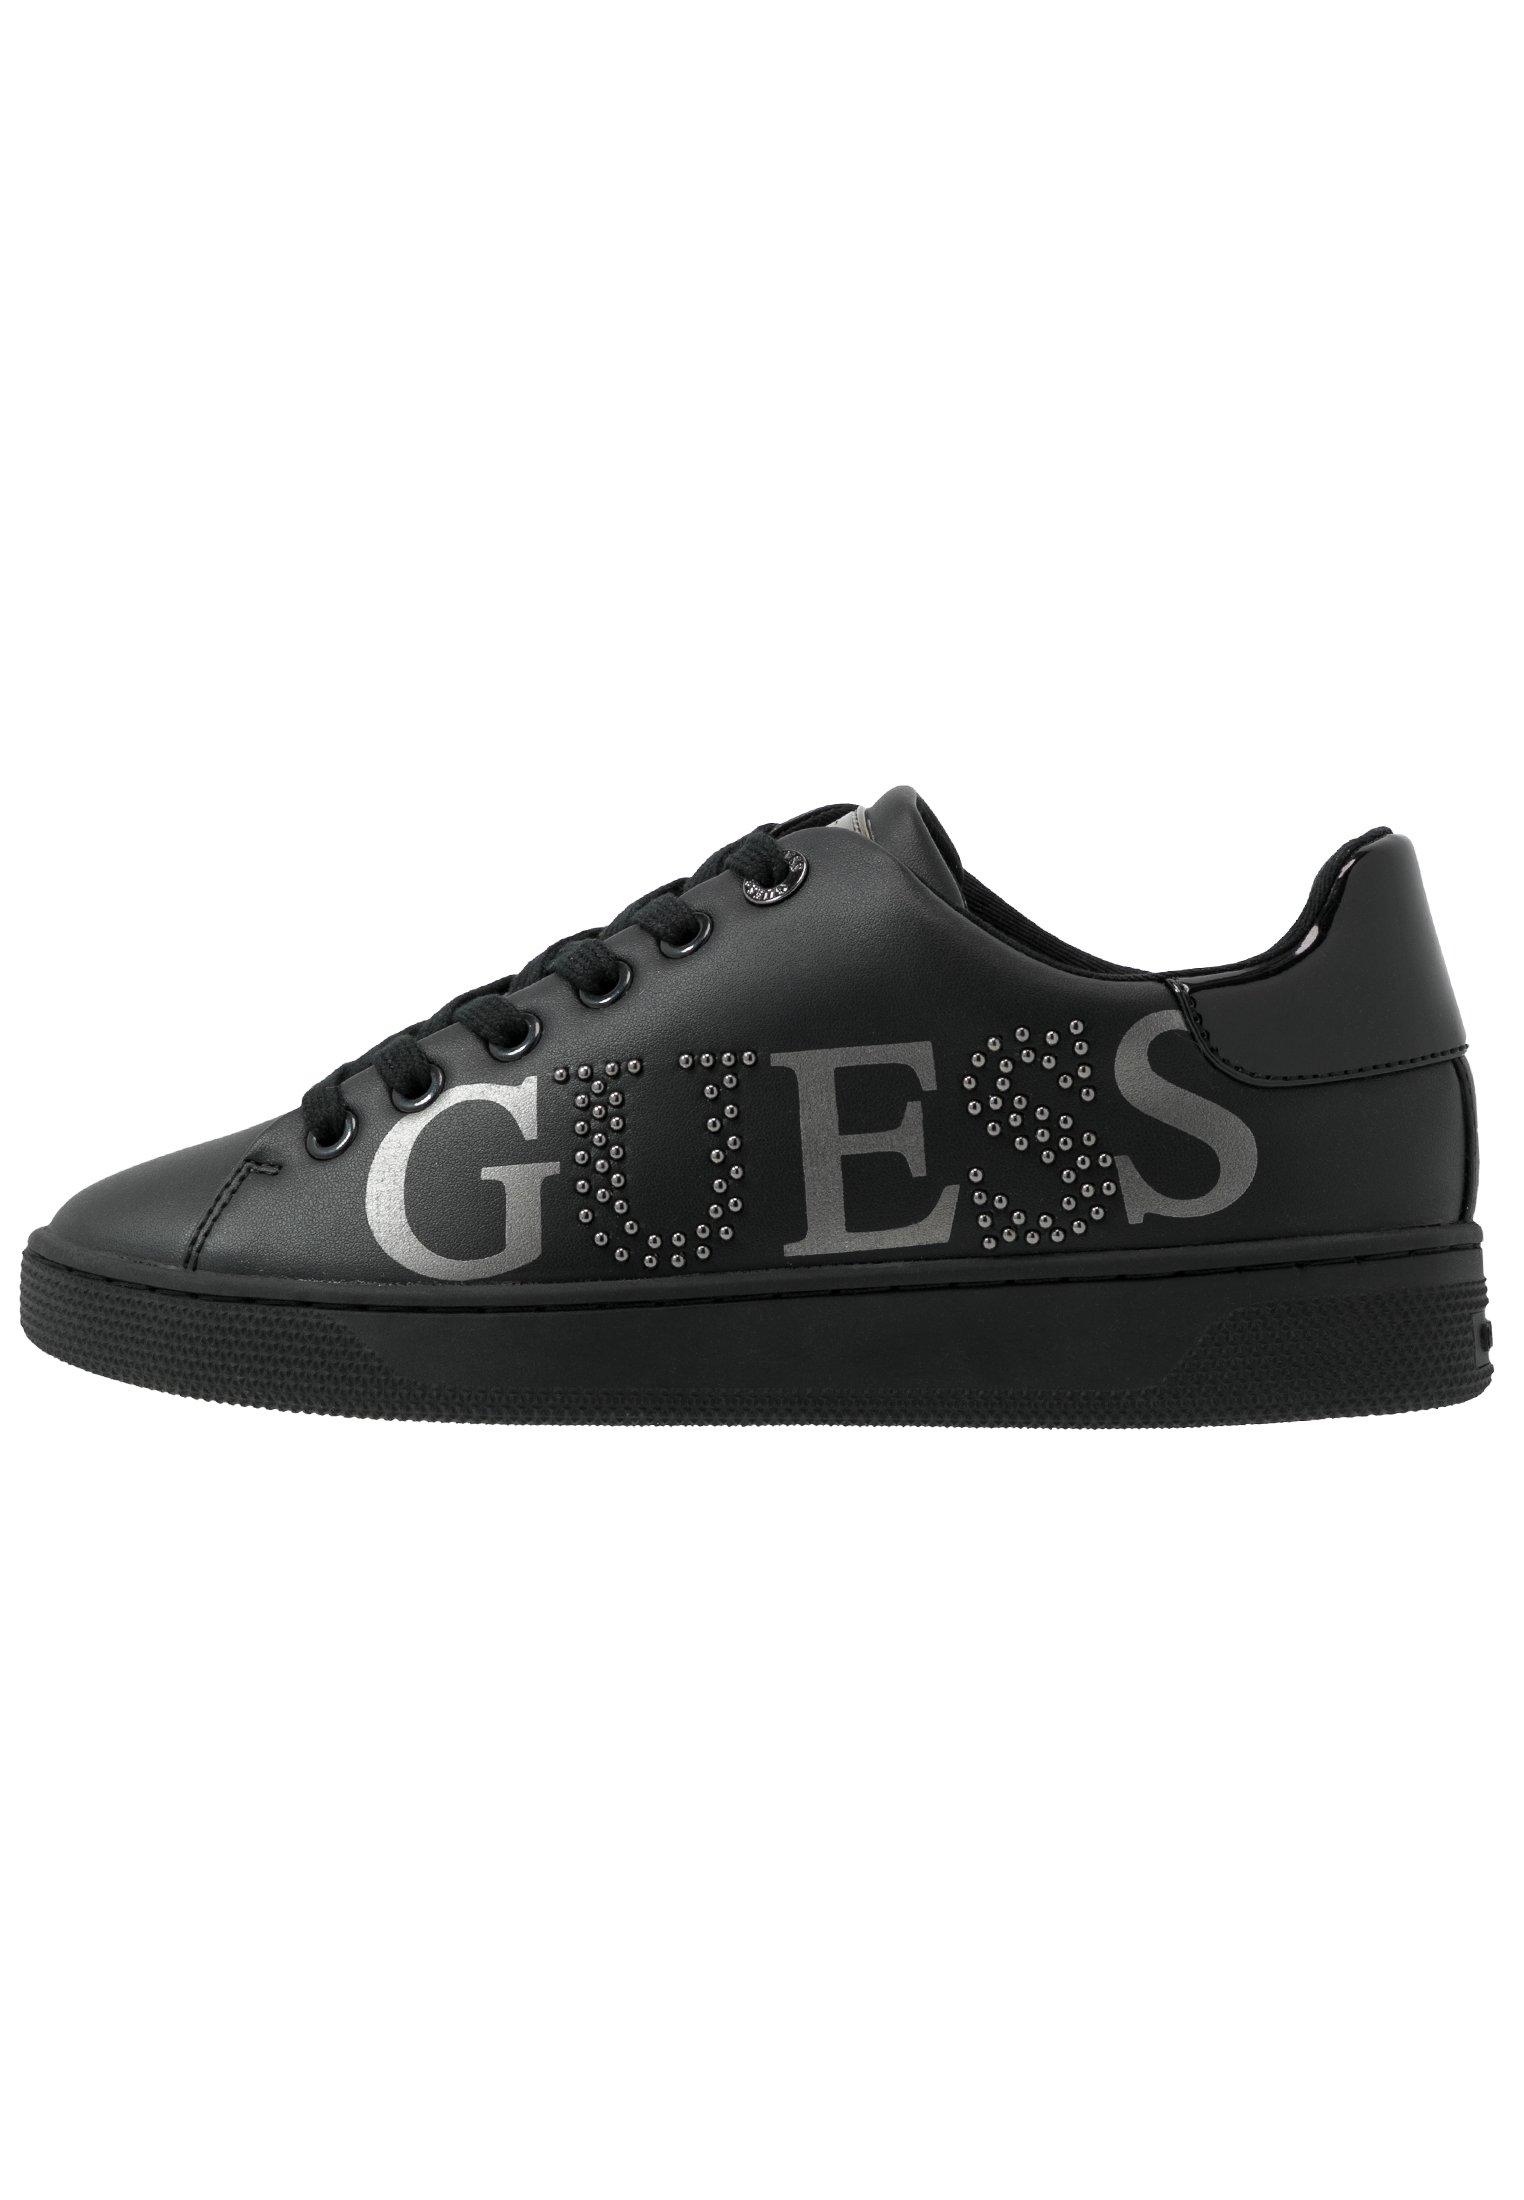 Guess Riderr - Baskets Basses Black 1tbveHI